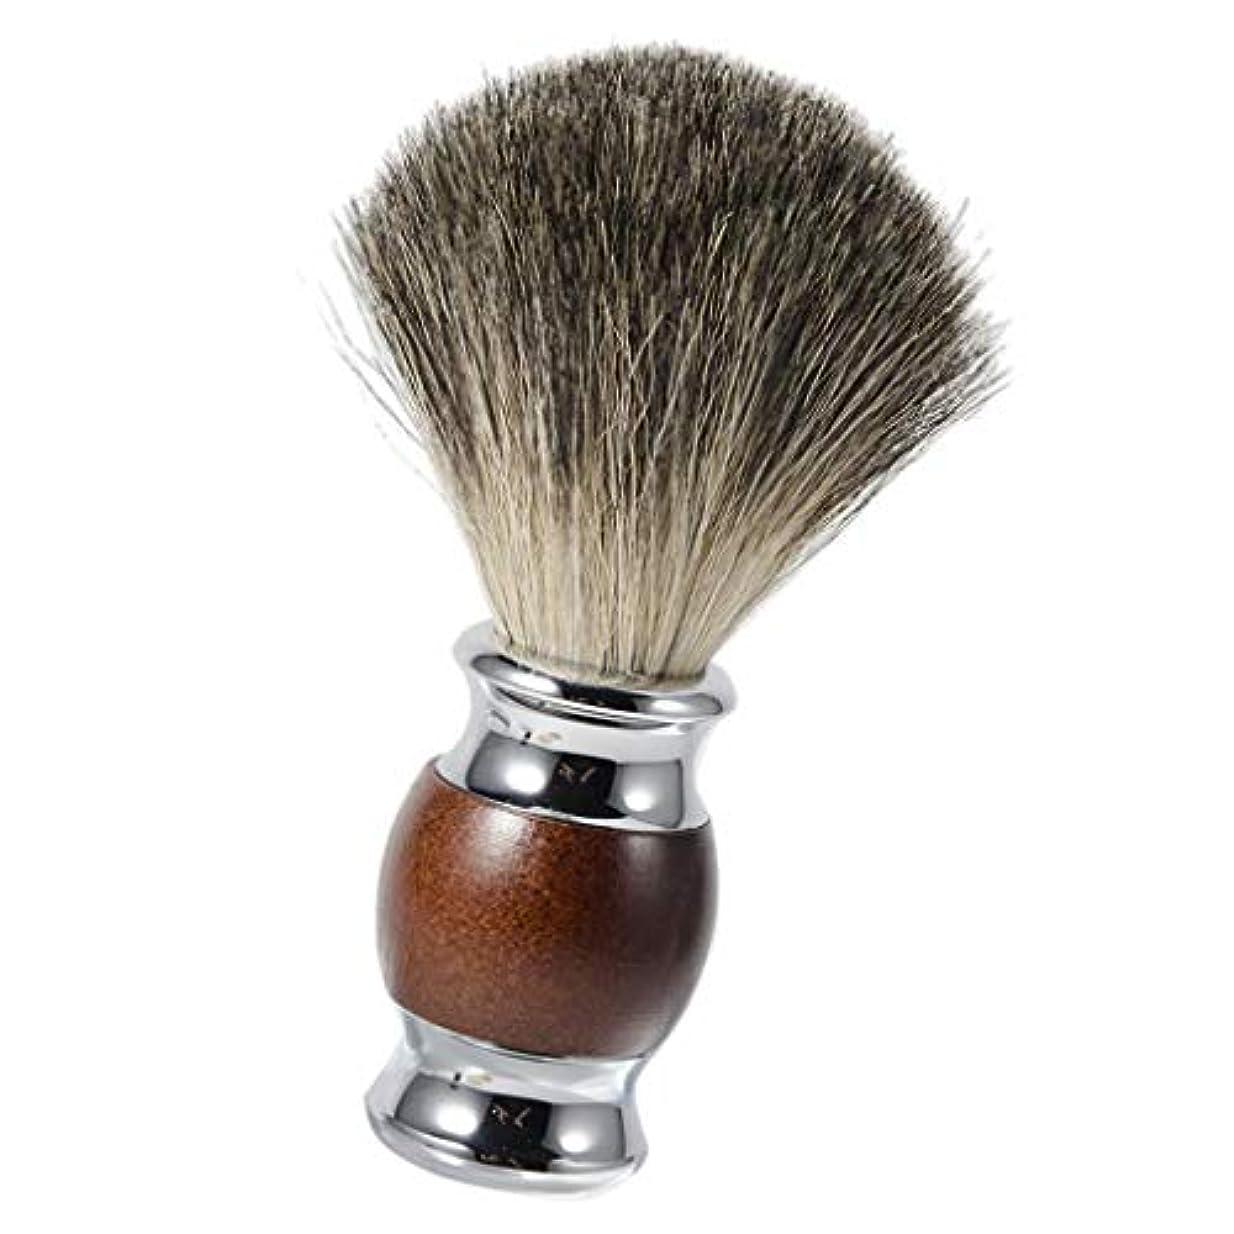 持ってる深さ動的sharprepublic メンズ用 髭剃り ブラシ シェービングブラシ 木製ハンドル 理容 洗顔 髭剃り ギフト